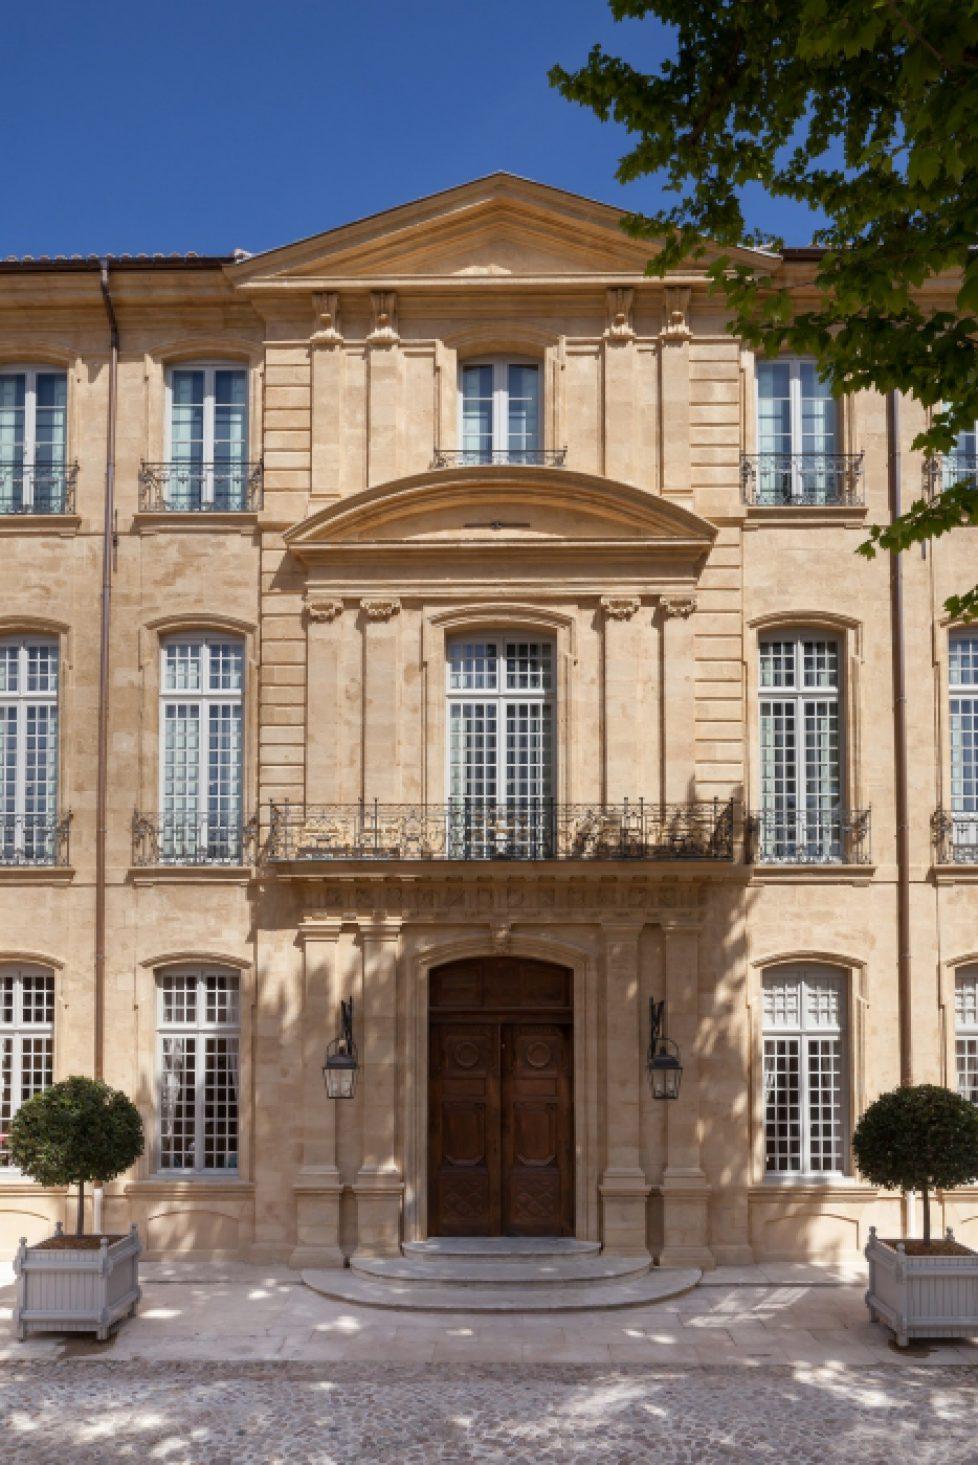 05._facade_de_la_cour_d_honneur_-_c_s._lloyd